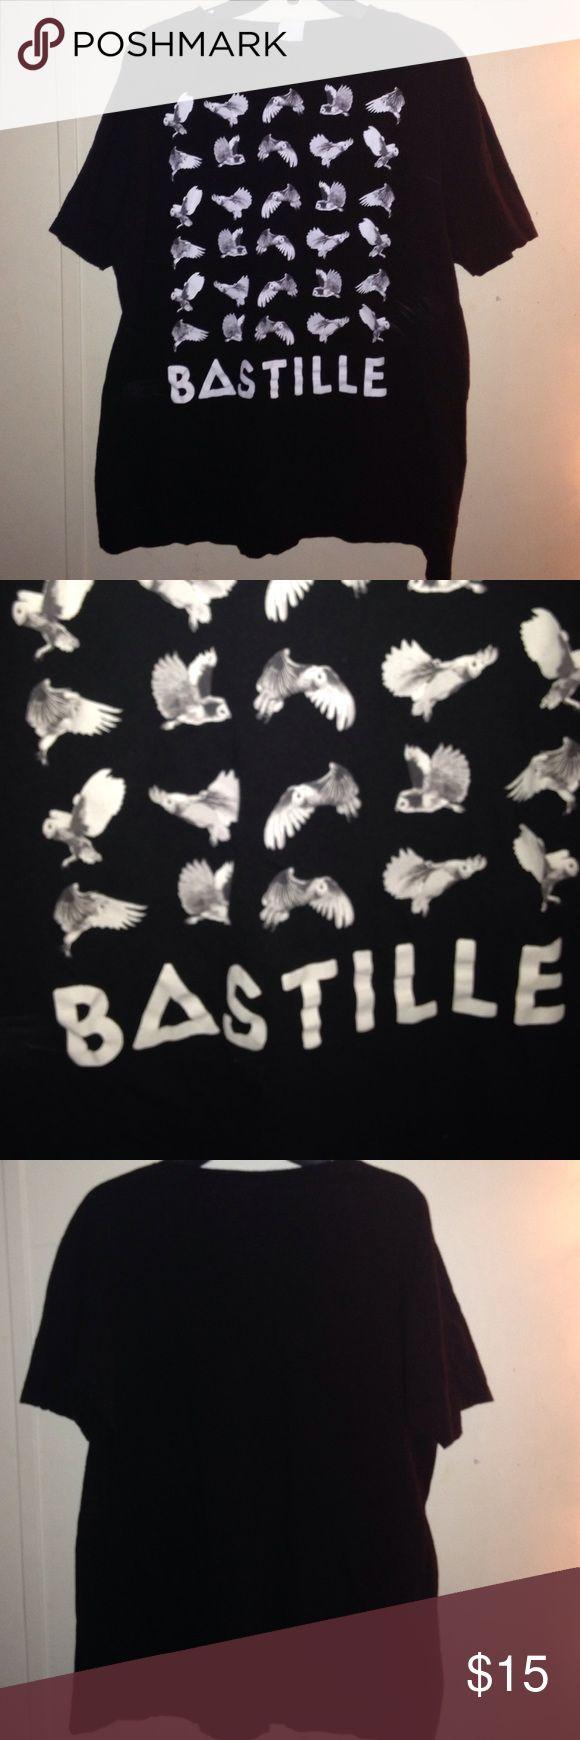 bastille running songs